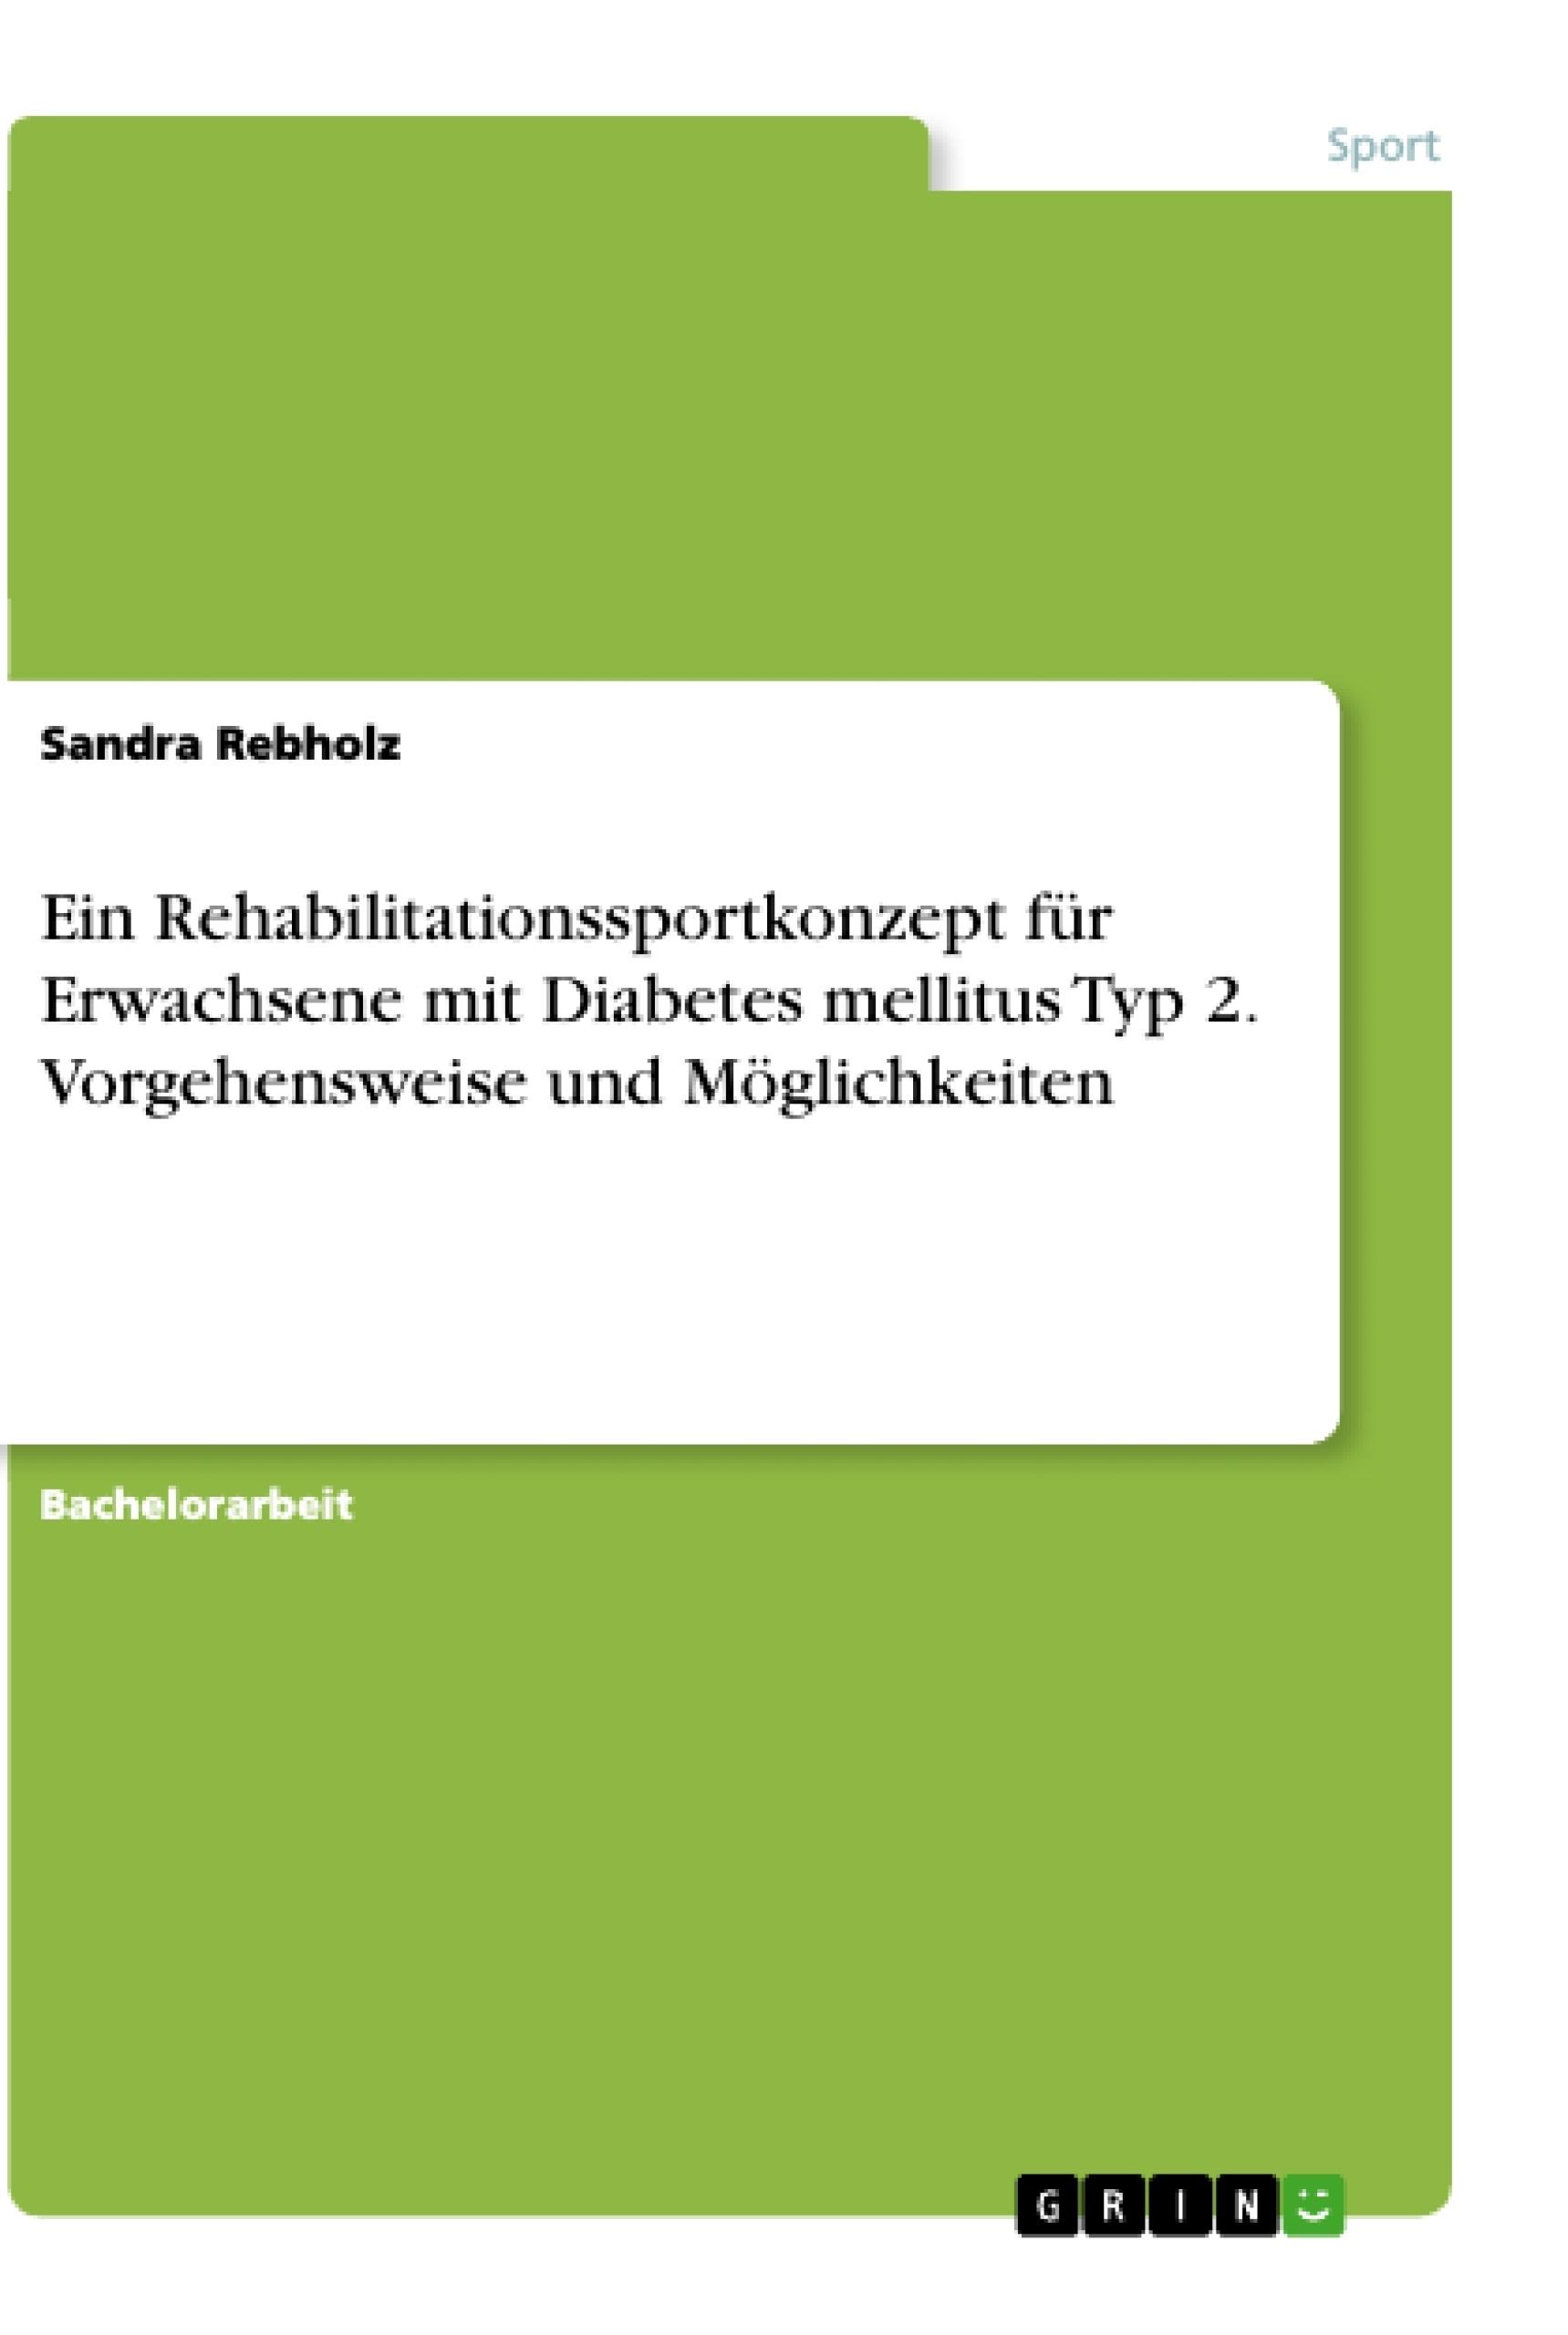 Titel: Ein Rehabilitationssportkonzept für Erwachsene mit Diabetes mellitus Typ 2. Vorgehensweise und Möglichkeiten